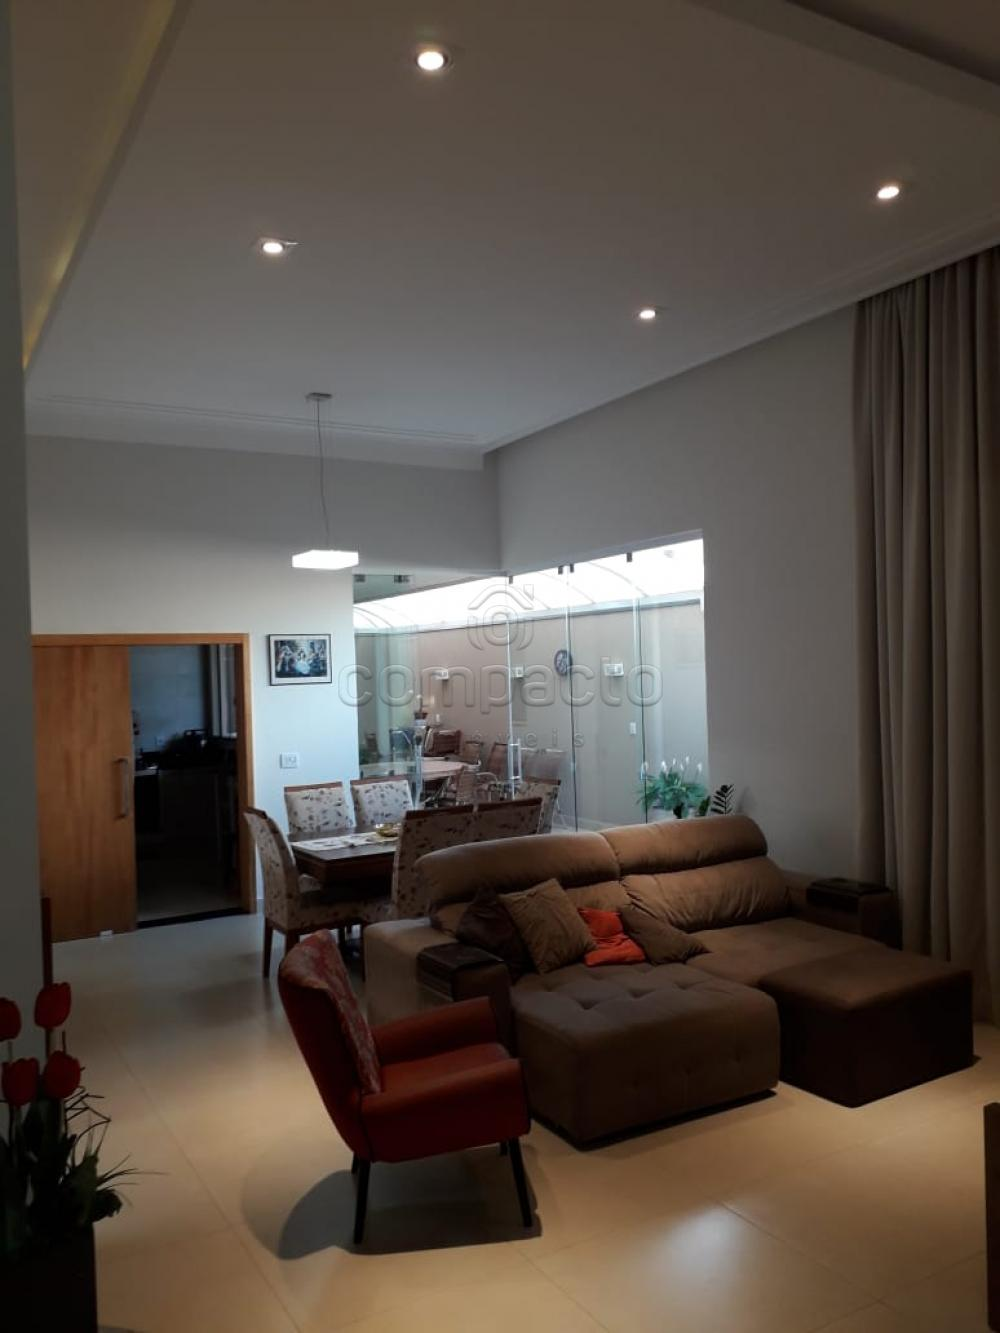 Comprar Casa / Condomínio em Mirassol apenas R$ 650.000,00 - Foto 5